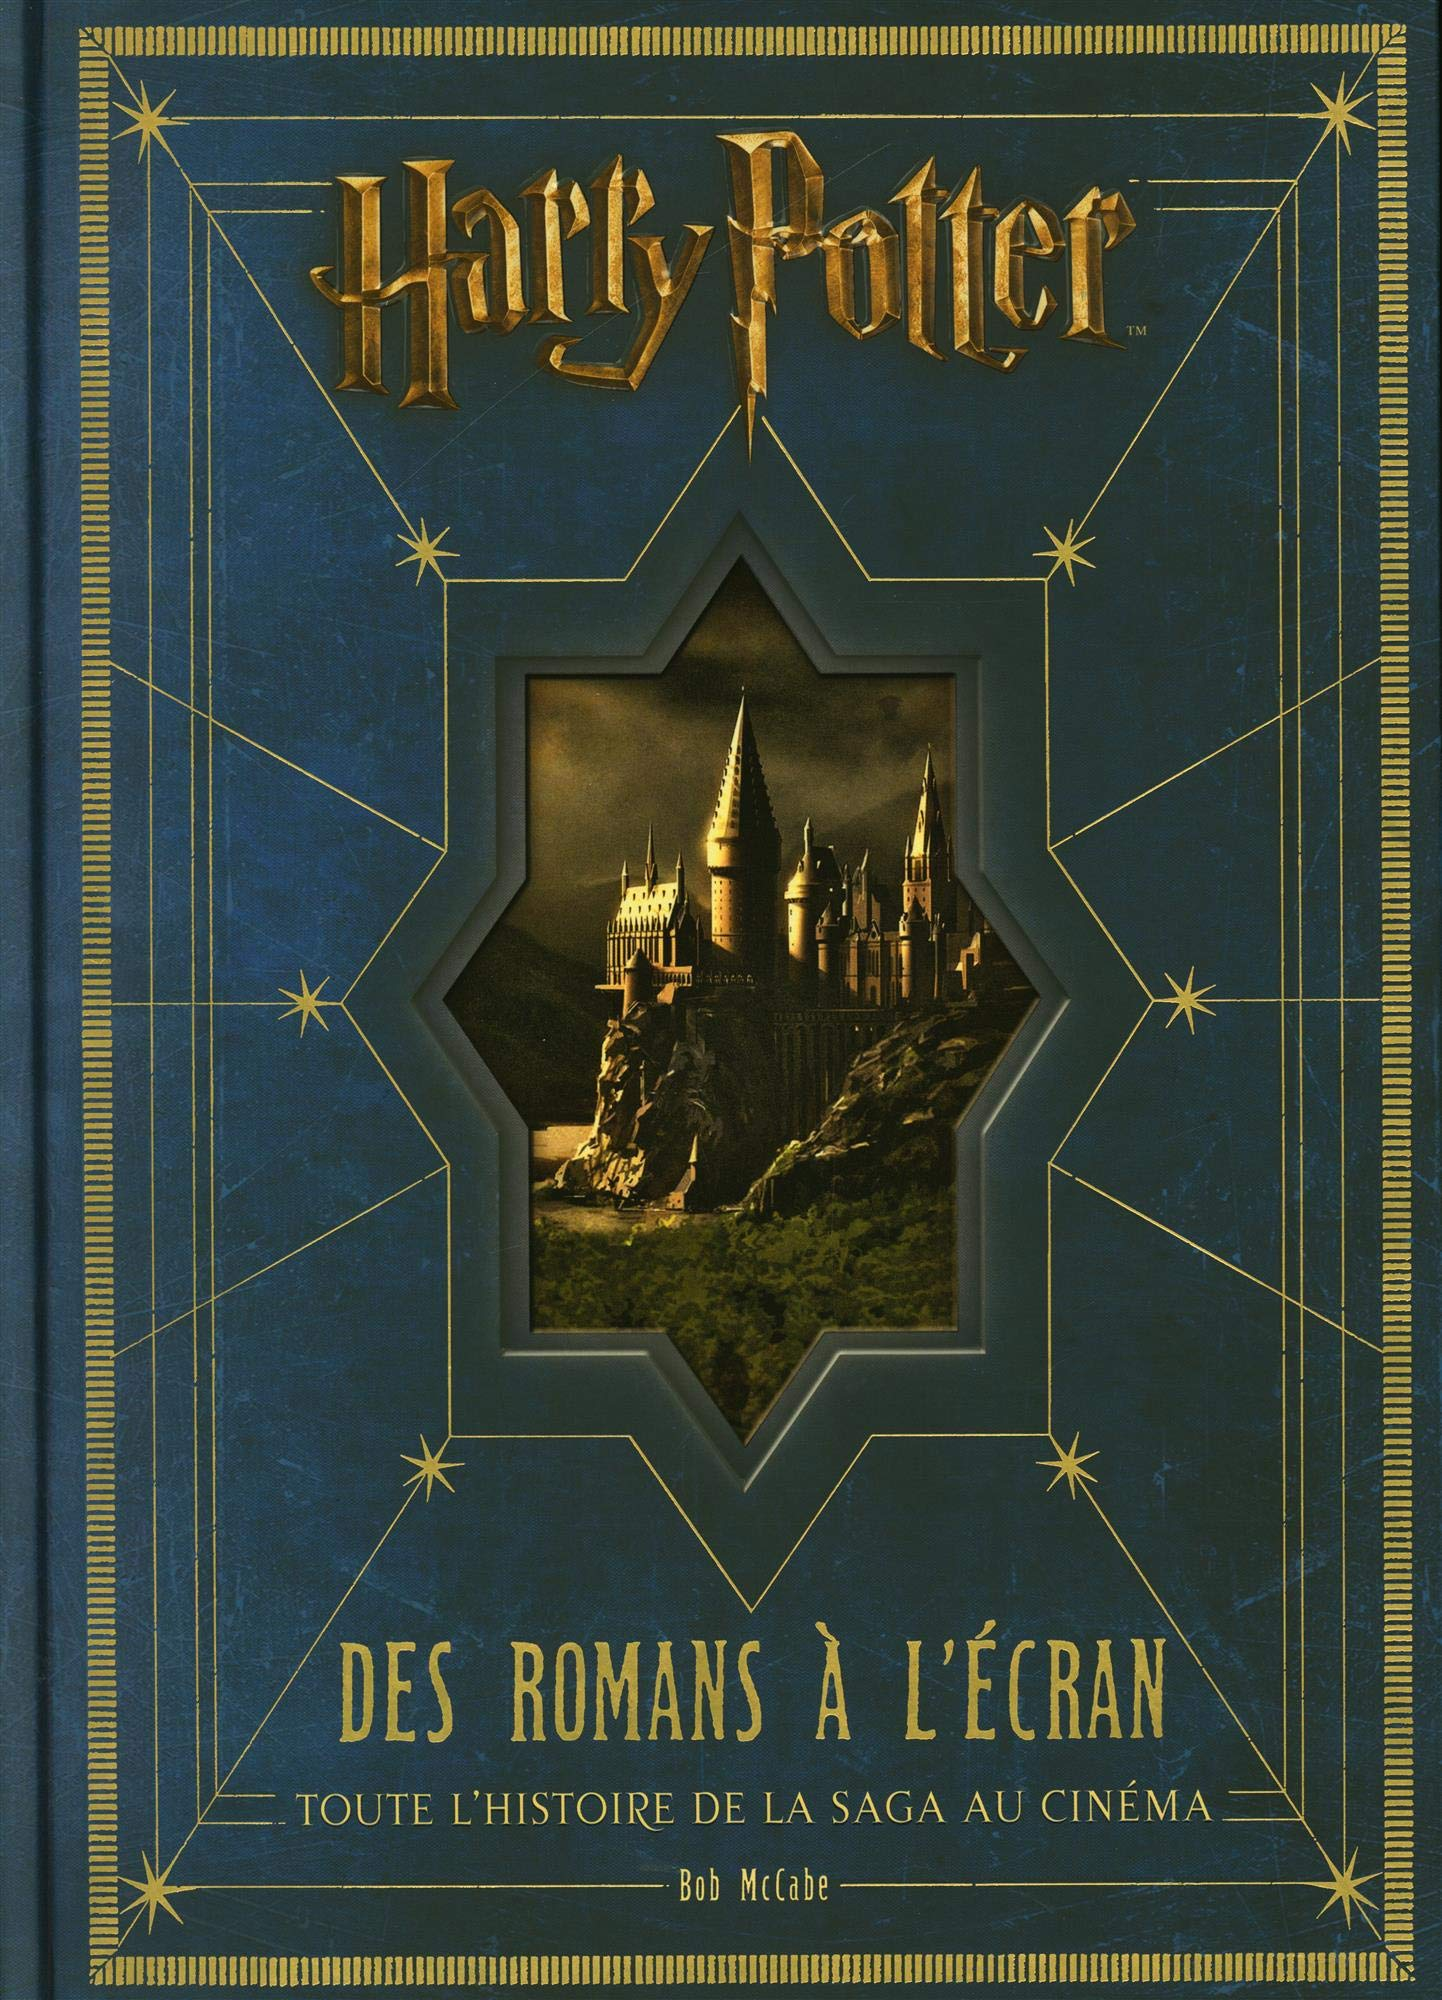 Harry Potter des romans à l'écran